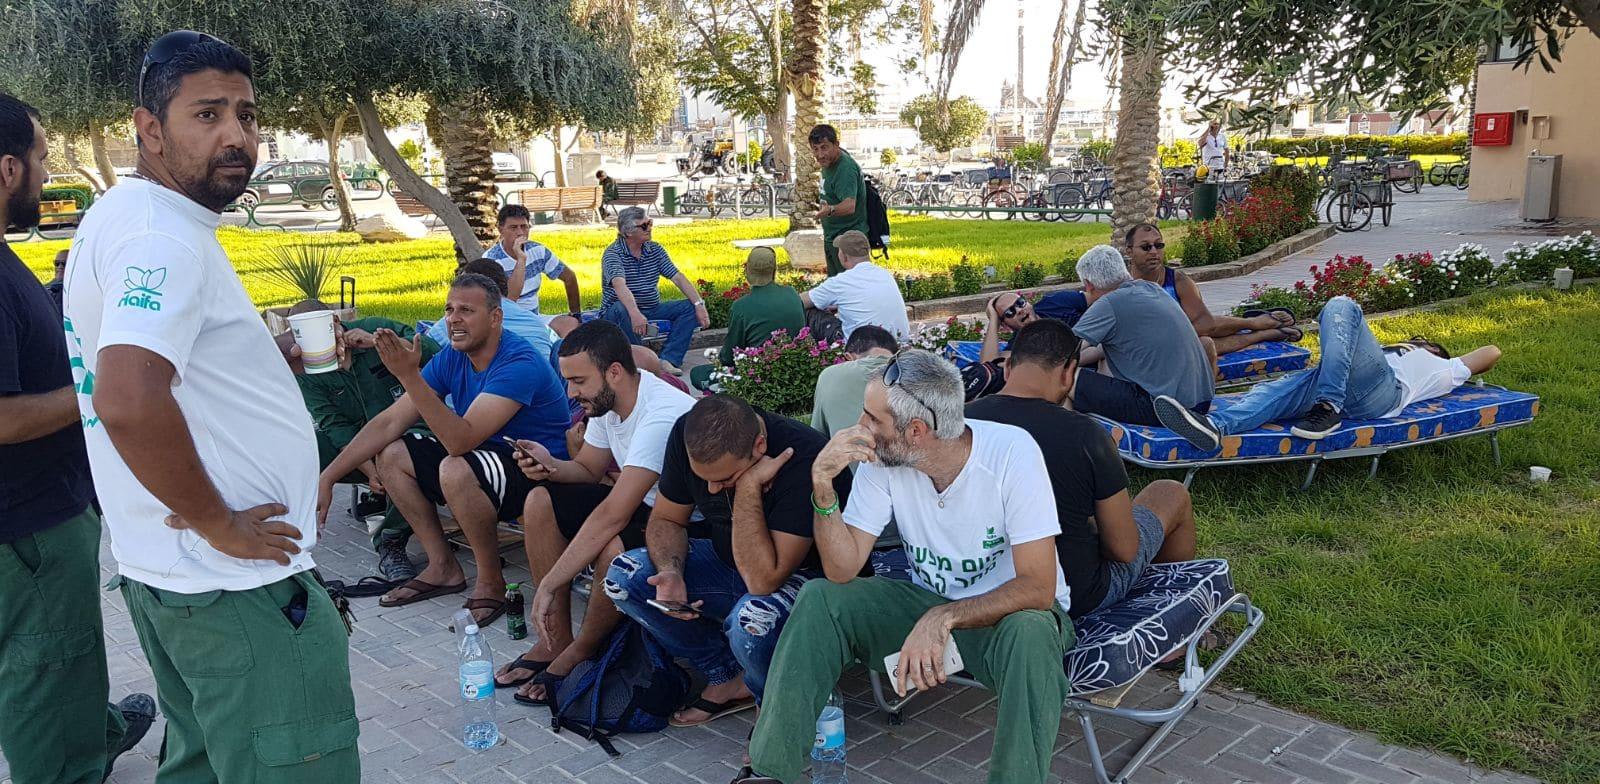 עובדי חיפה כימיקלים בעת המחאה ב-2017 לפני סגירת המפעל בצפון / צילום: דוברות ההסתדרות